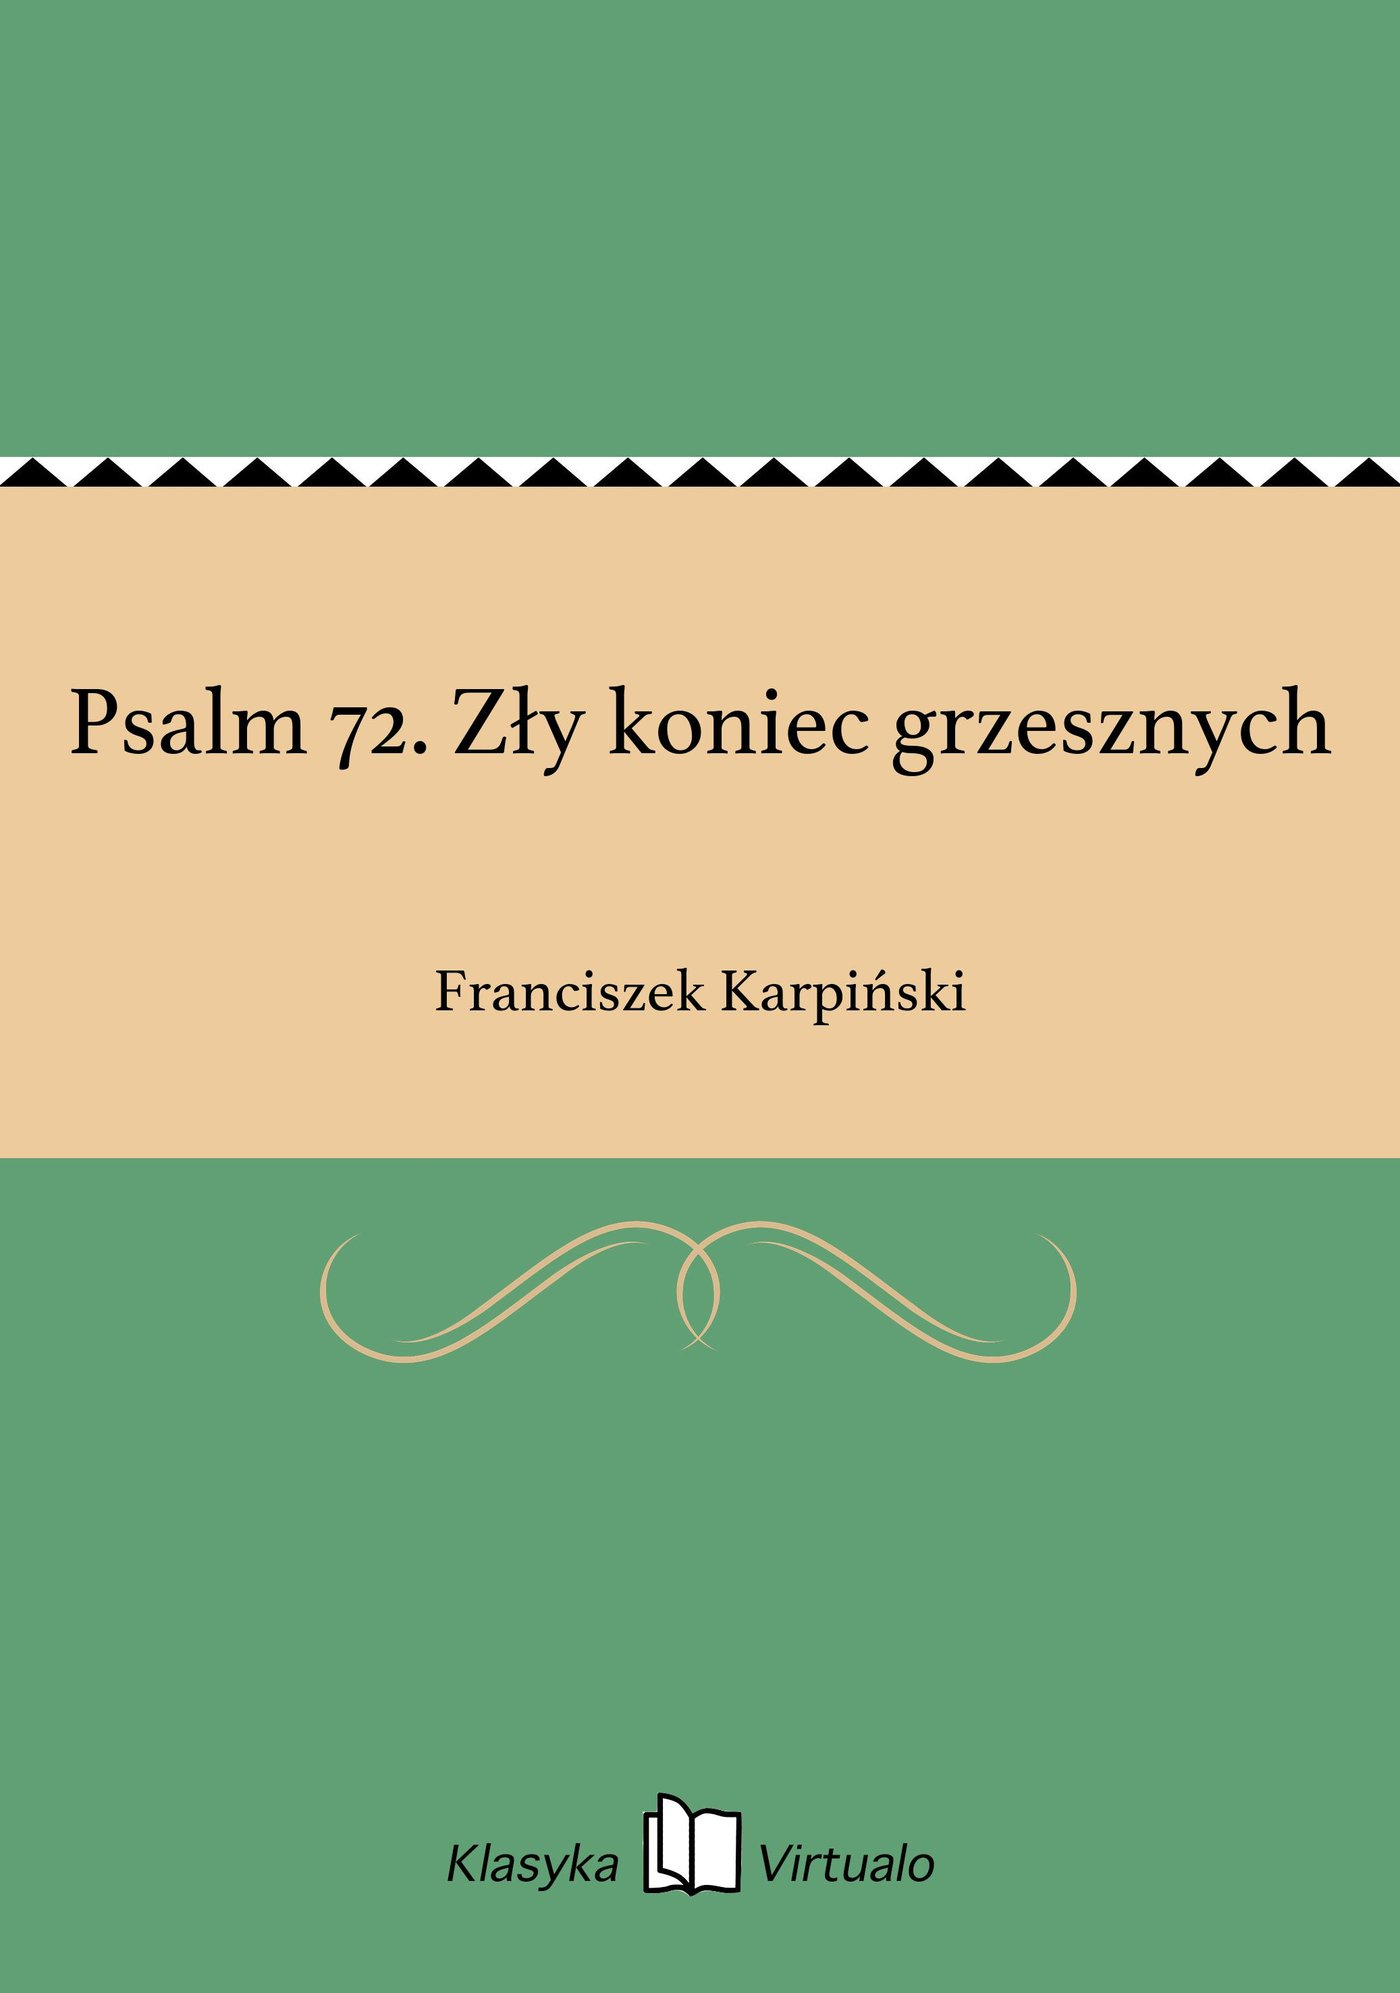 Psalm 72. Zły koniec grzesznych - Ebook (Książka EPUB) do pobrania w formacie EPUB